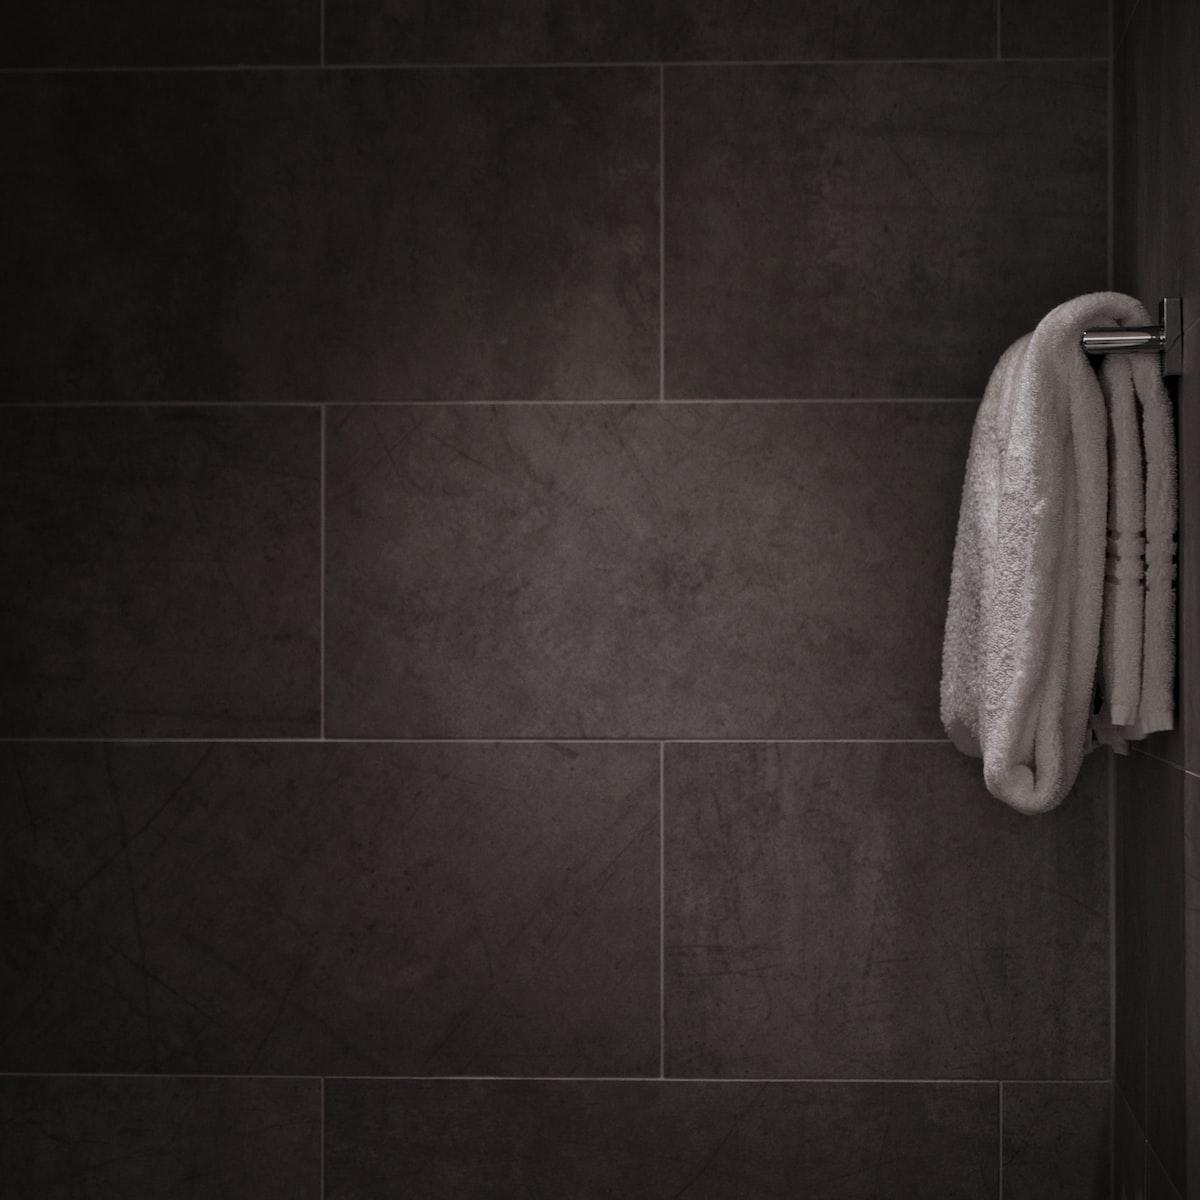 die 70 besten dusche witze seite 2 von 4 schlechte witze. Black Bedroom Furniture Sets. Home Design Ideas